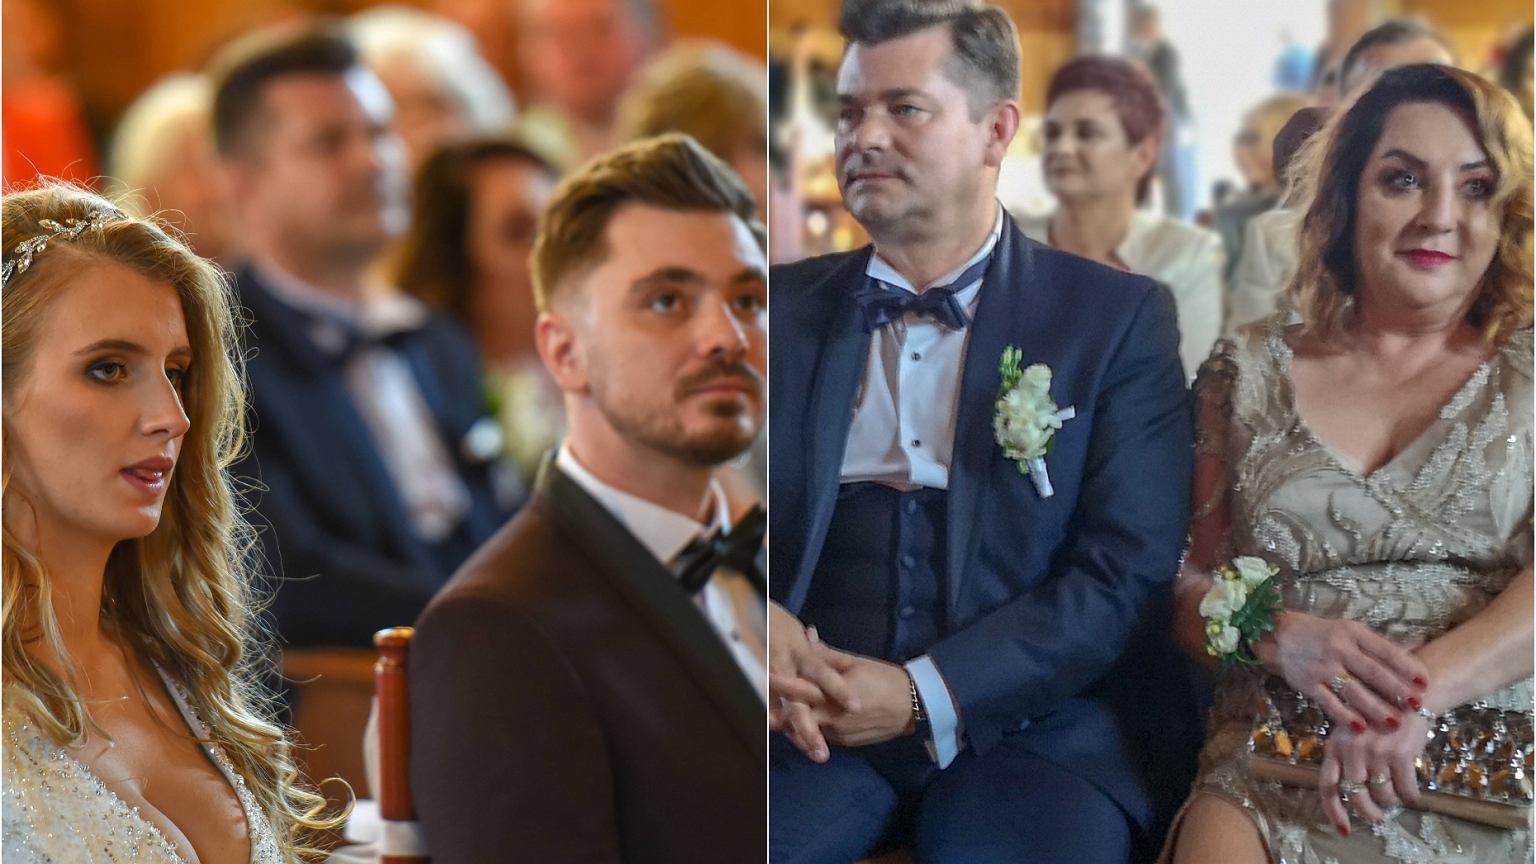 Syn Zenka Martyniuka już po ślubie! Są zdjęcia z ceremonii! Przyjęcie weselne jest warte milion złotych!